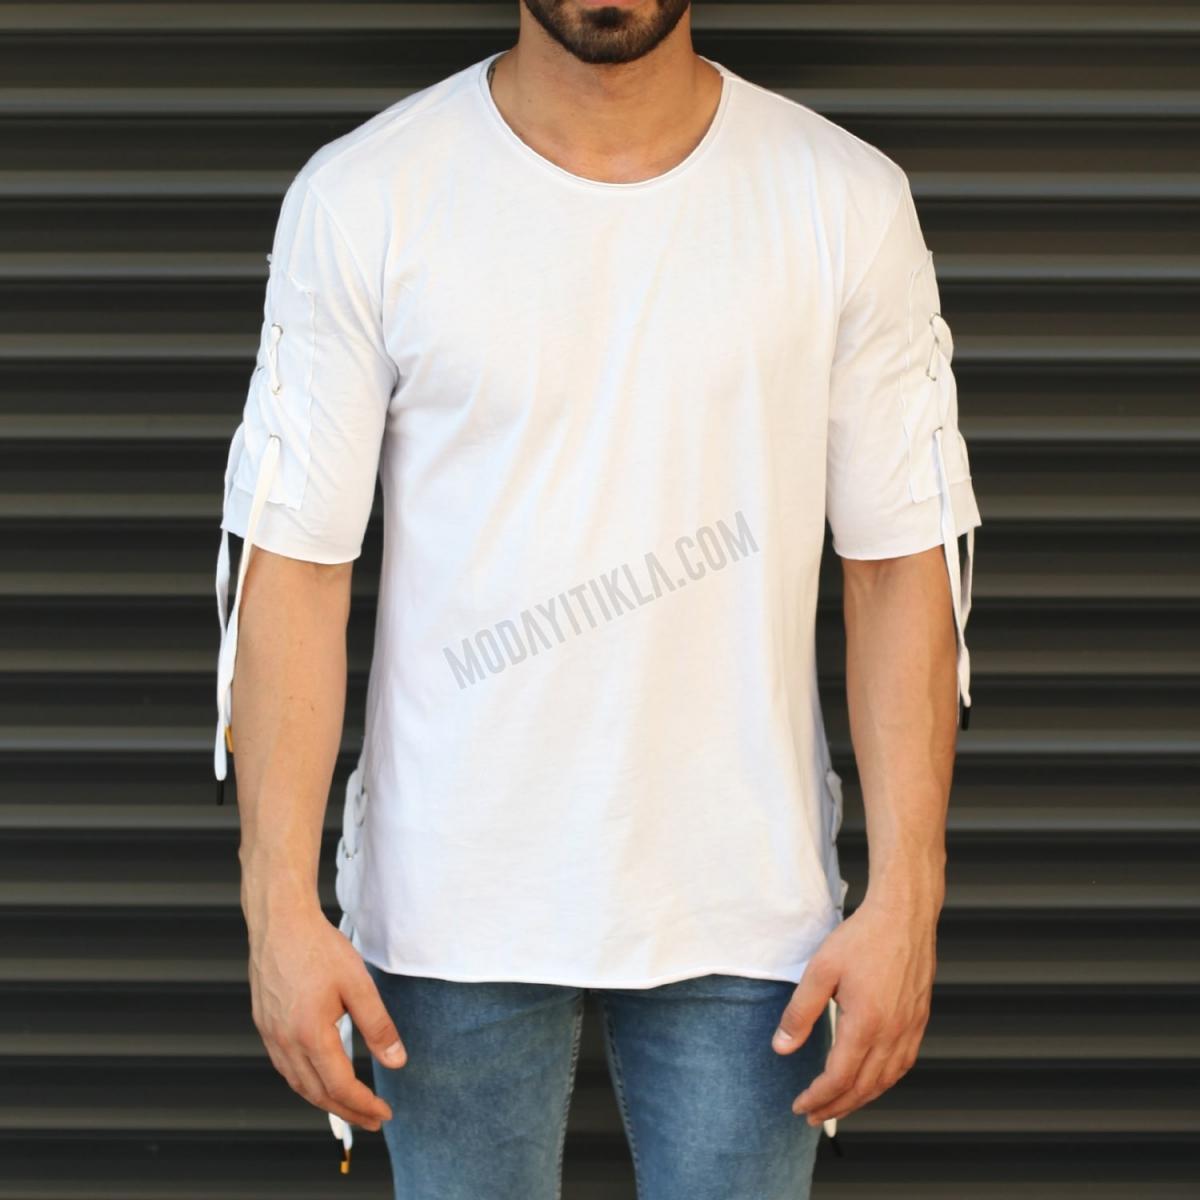 Erkek Kol ve Bel İp Tasarım Yuvarlak Yaka Tişört Beyaz